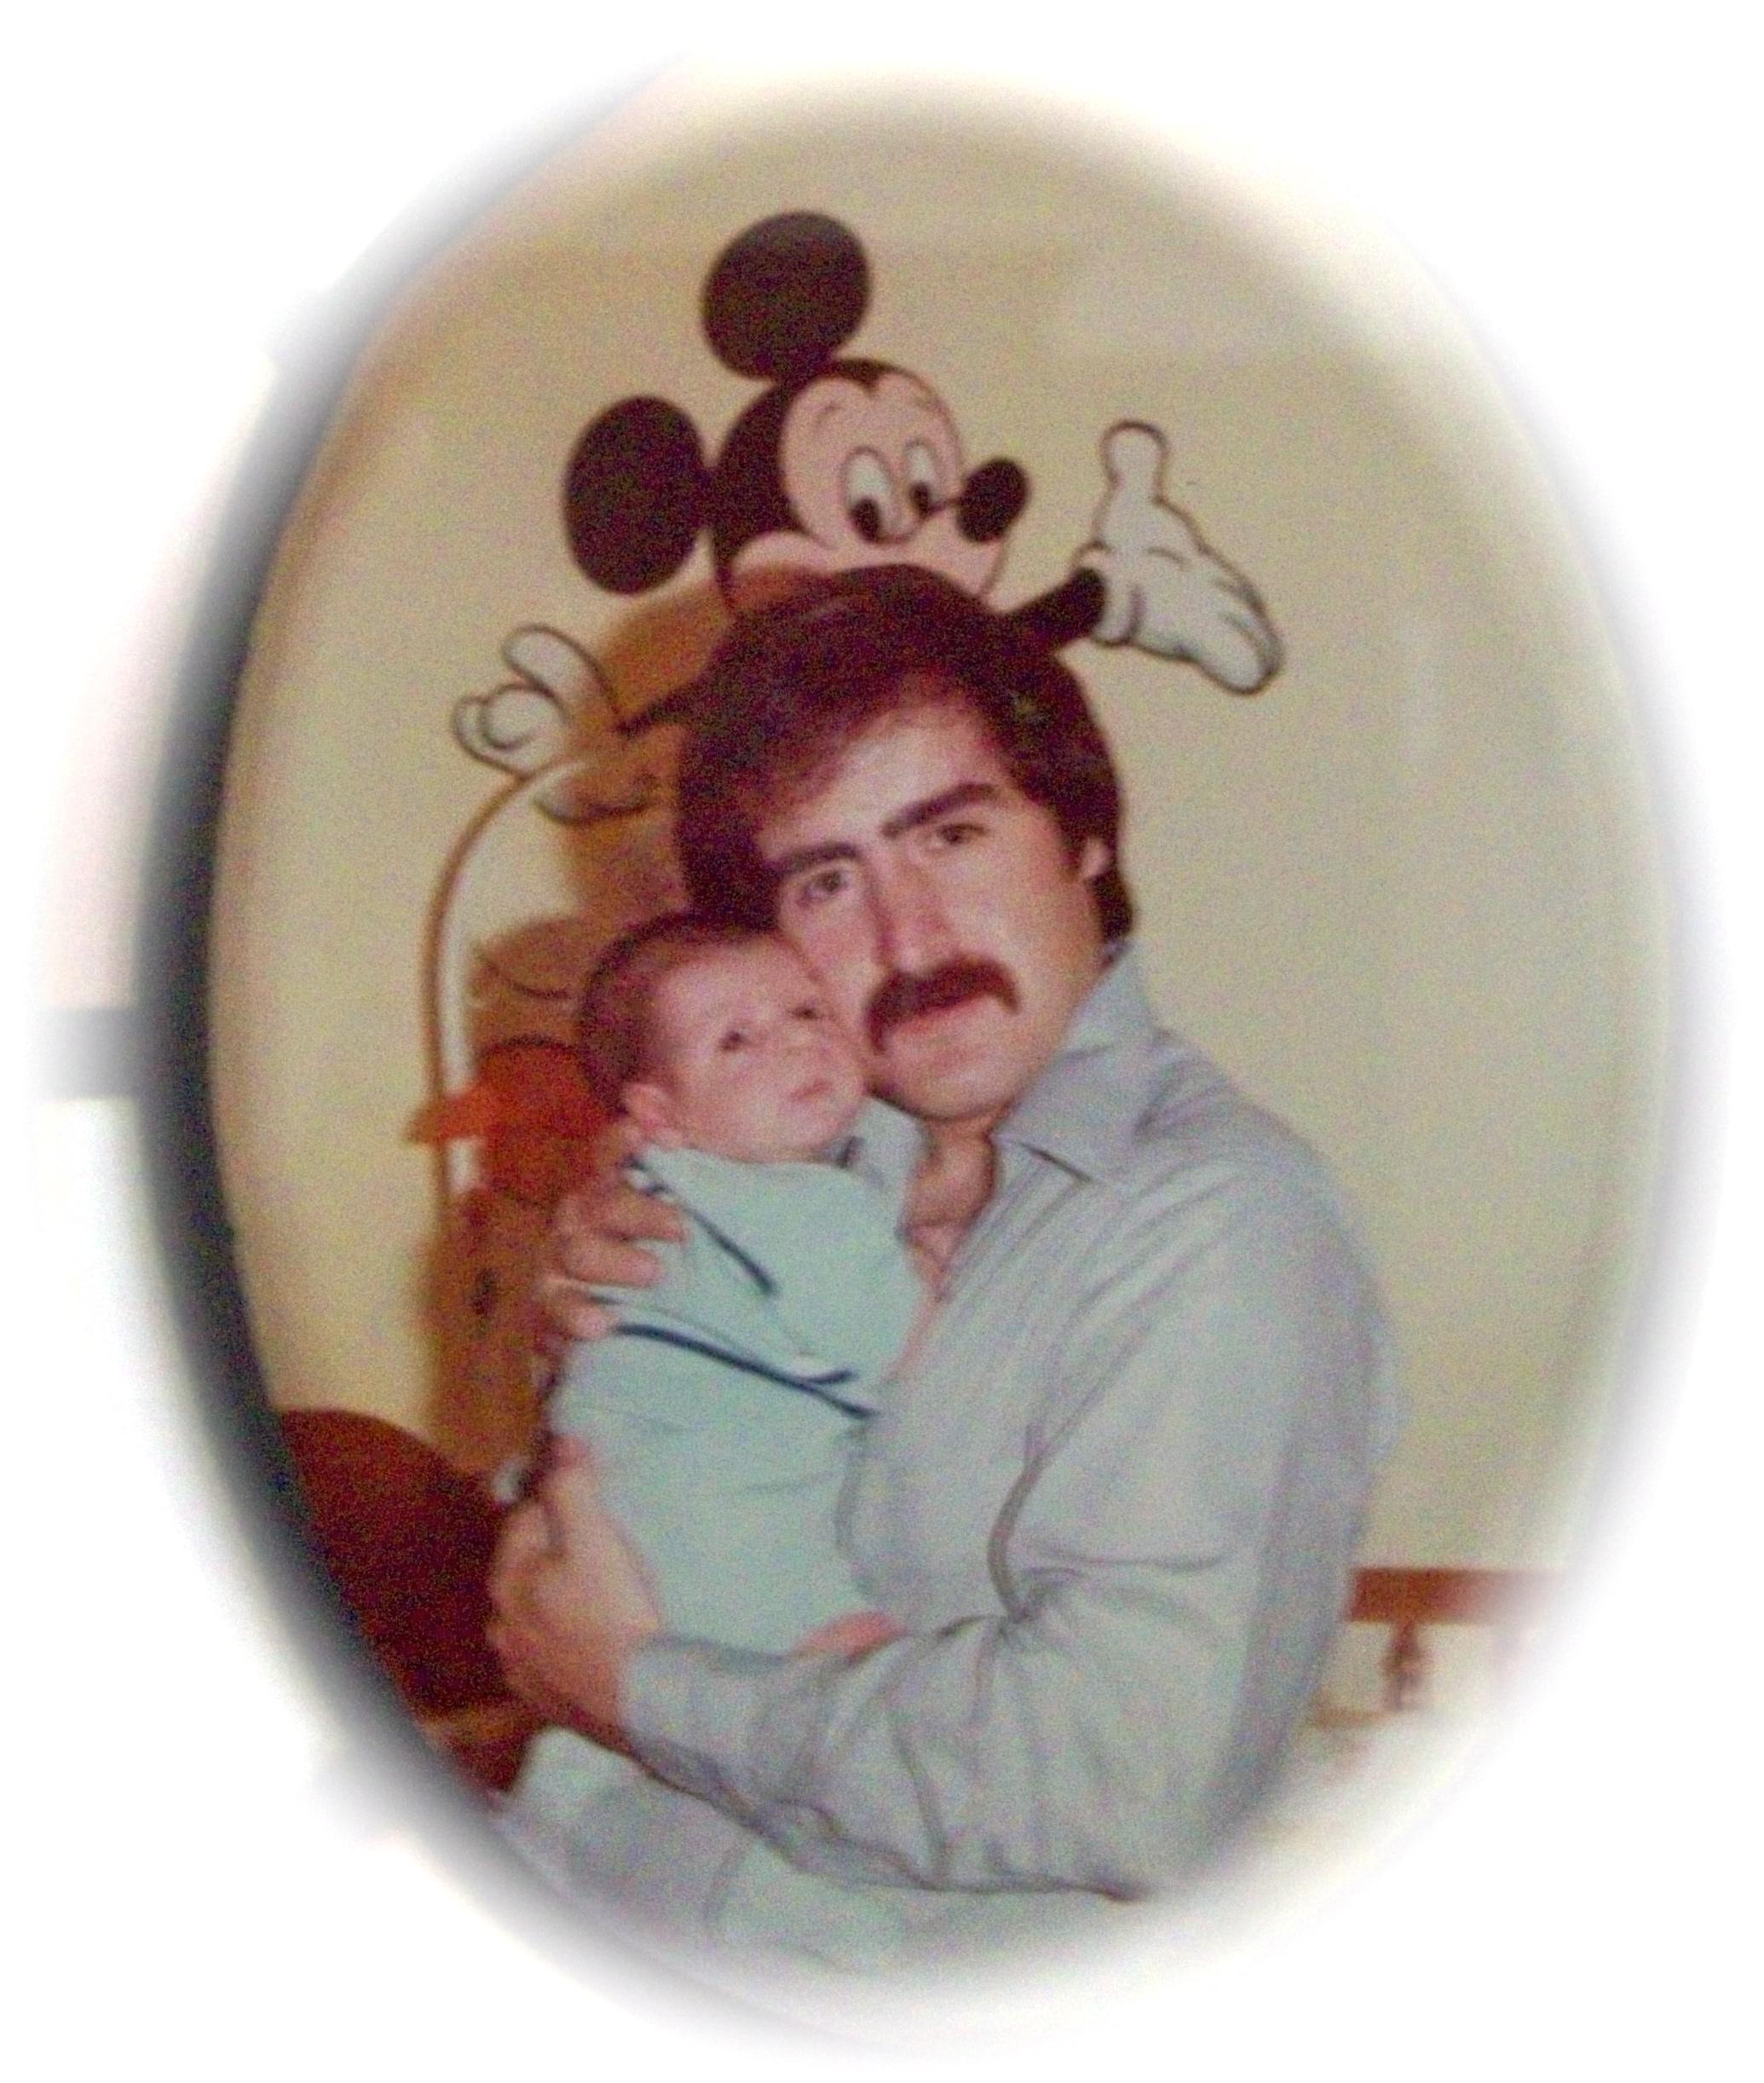 Dennis with a newborn Rob